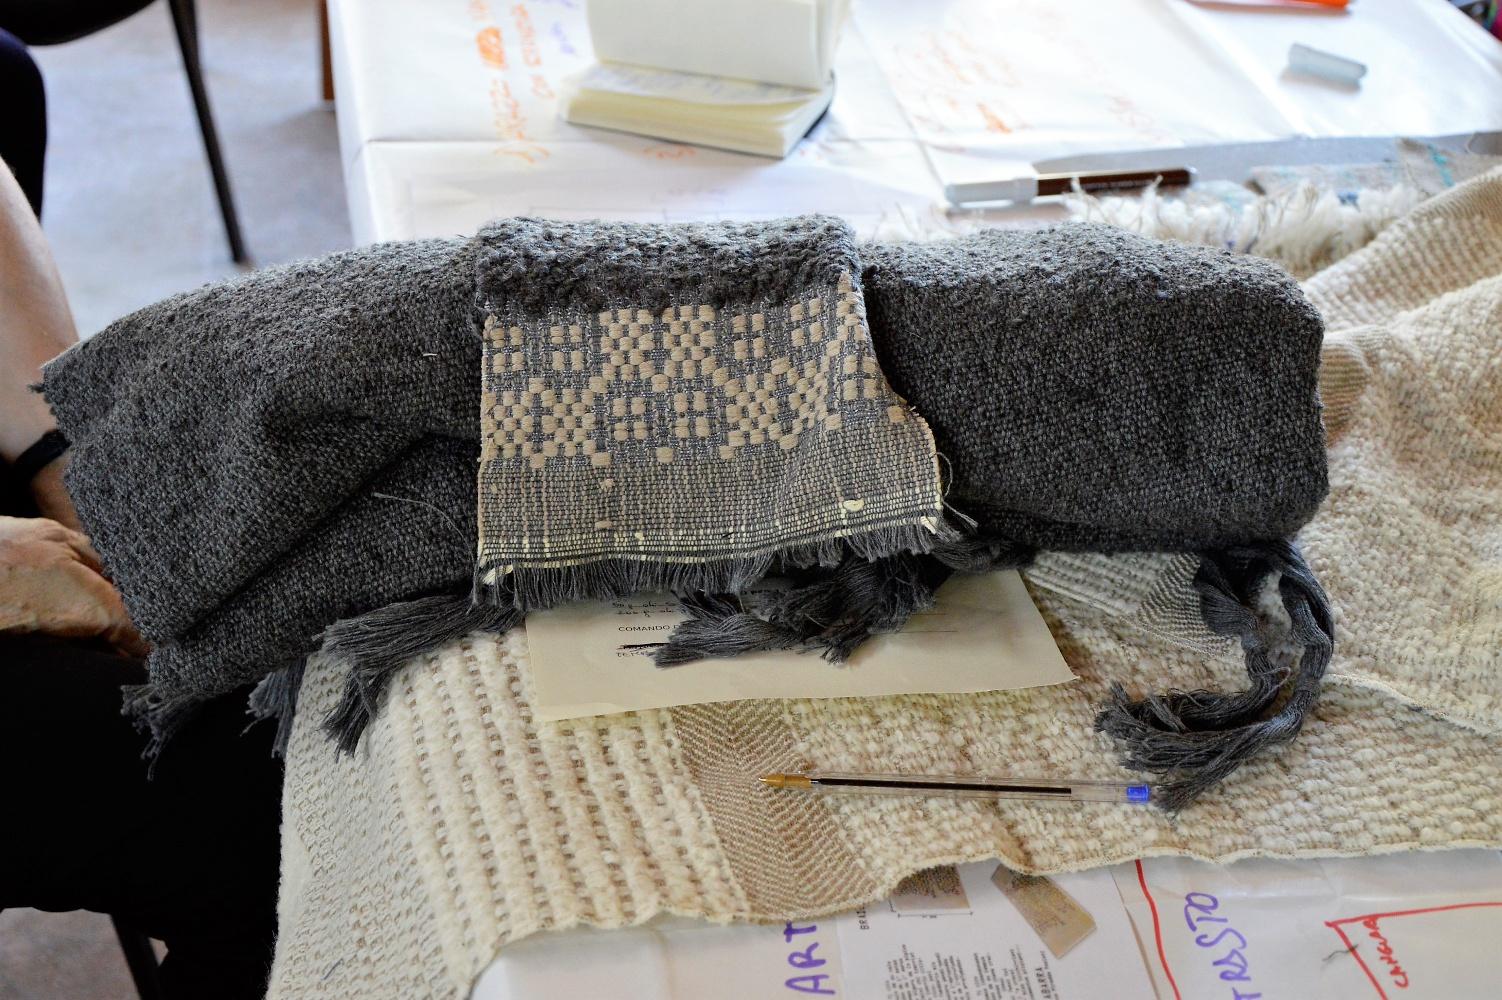 Abitare cangiari accessori per la casa etici e biologici tessuti dalle donne calabresi lifegate - Telaio da tavolo per tessitura a mano ...